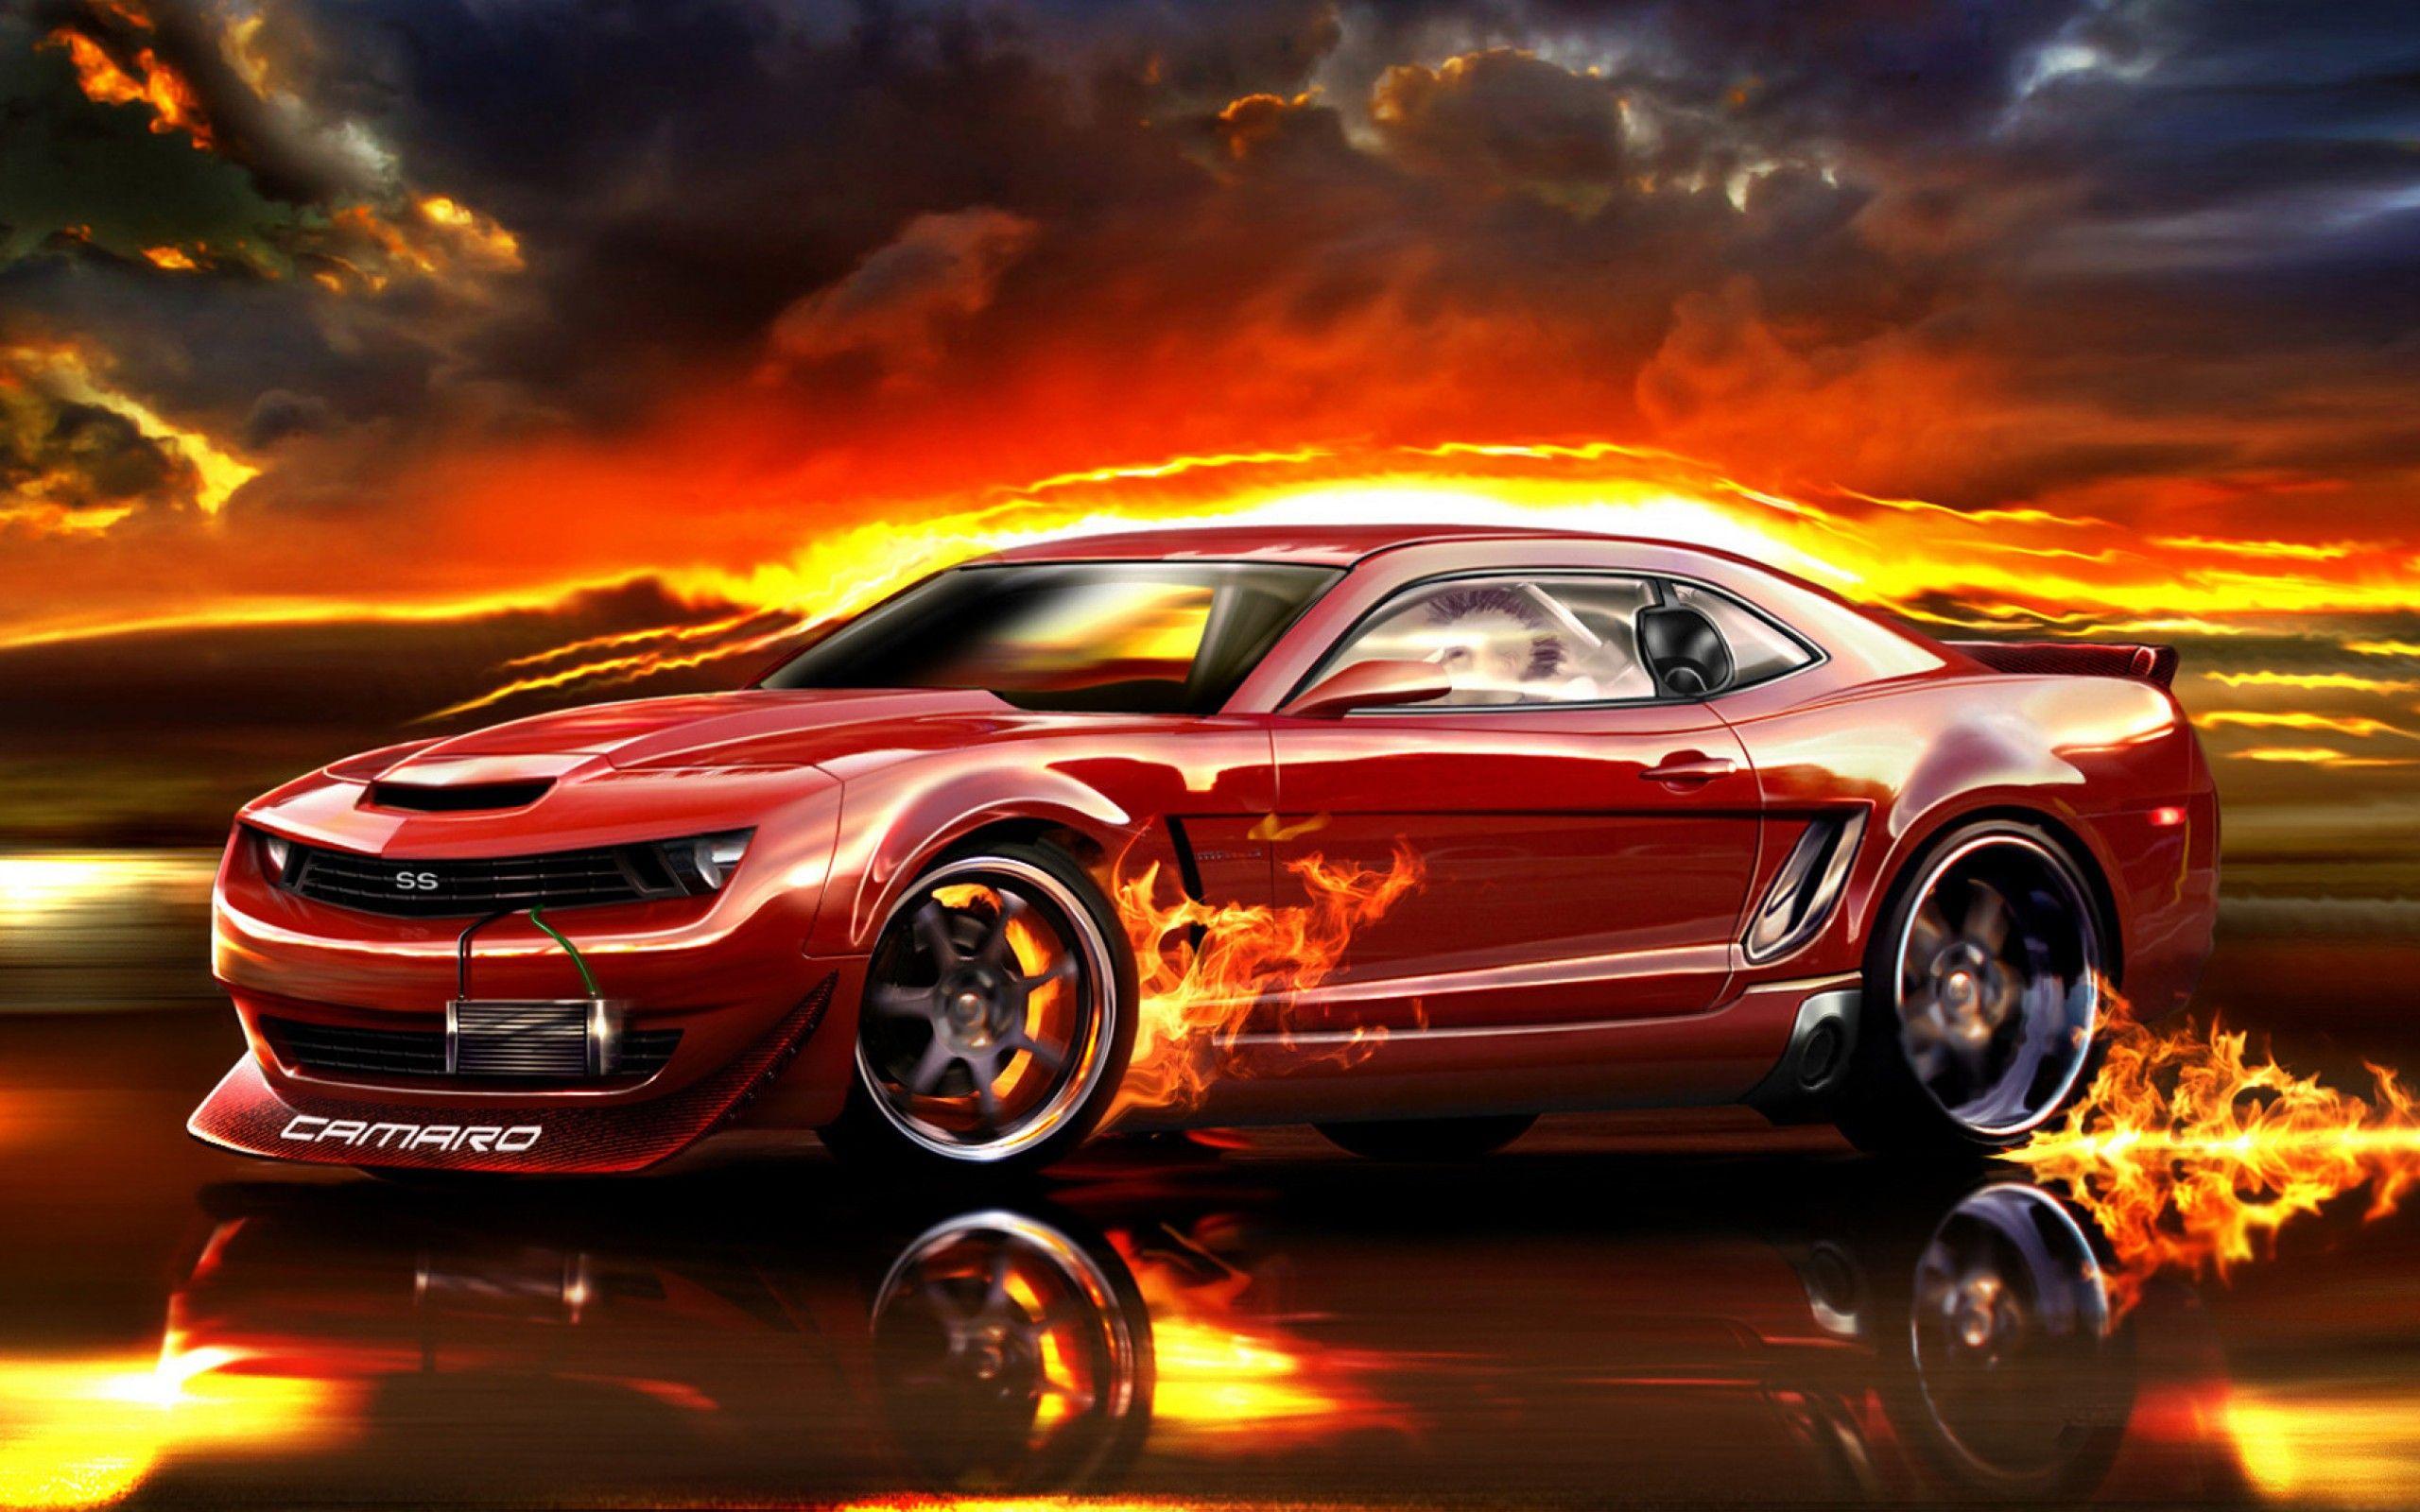 resultado de imagen de carros carros chevrolet camaro cars y rh pinterest com